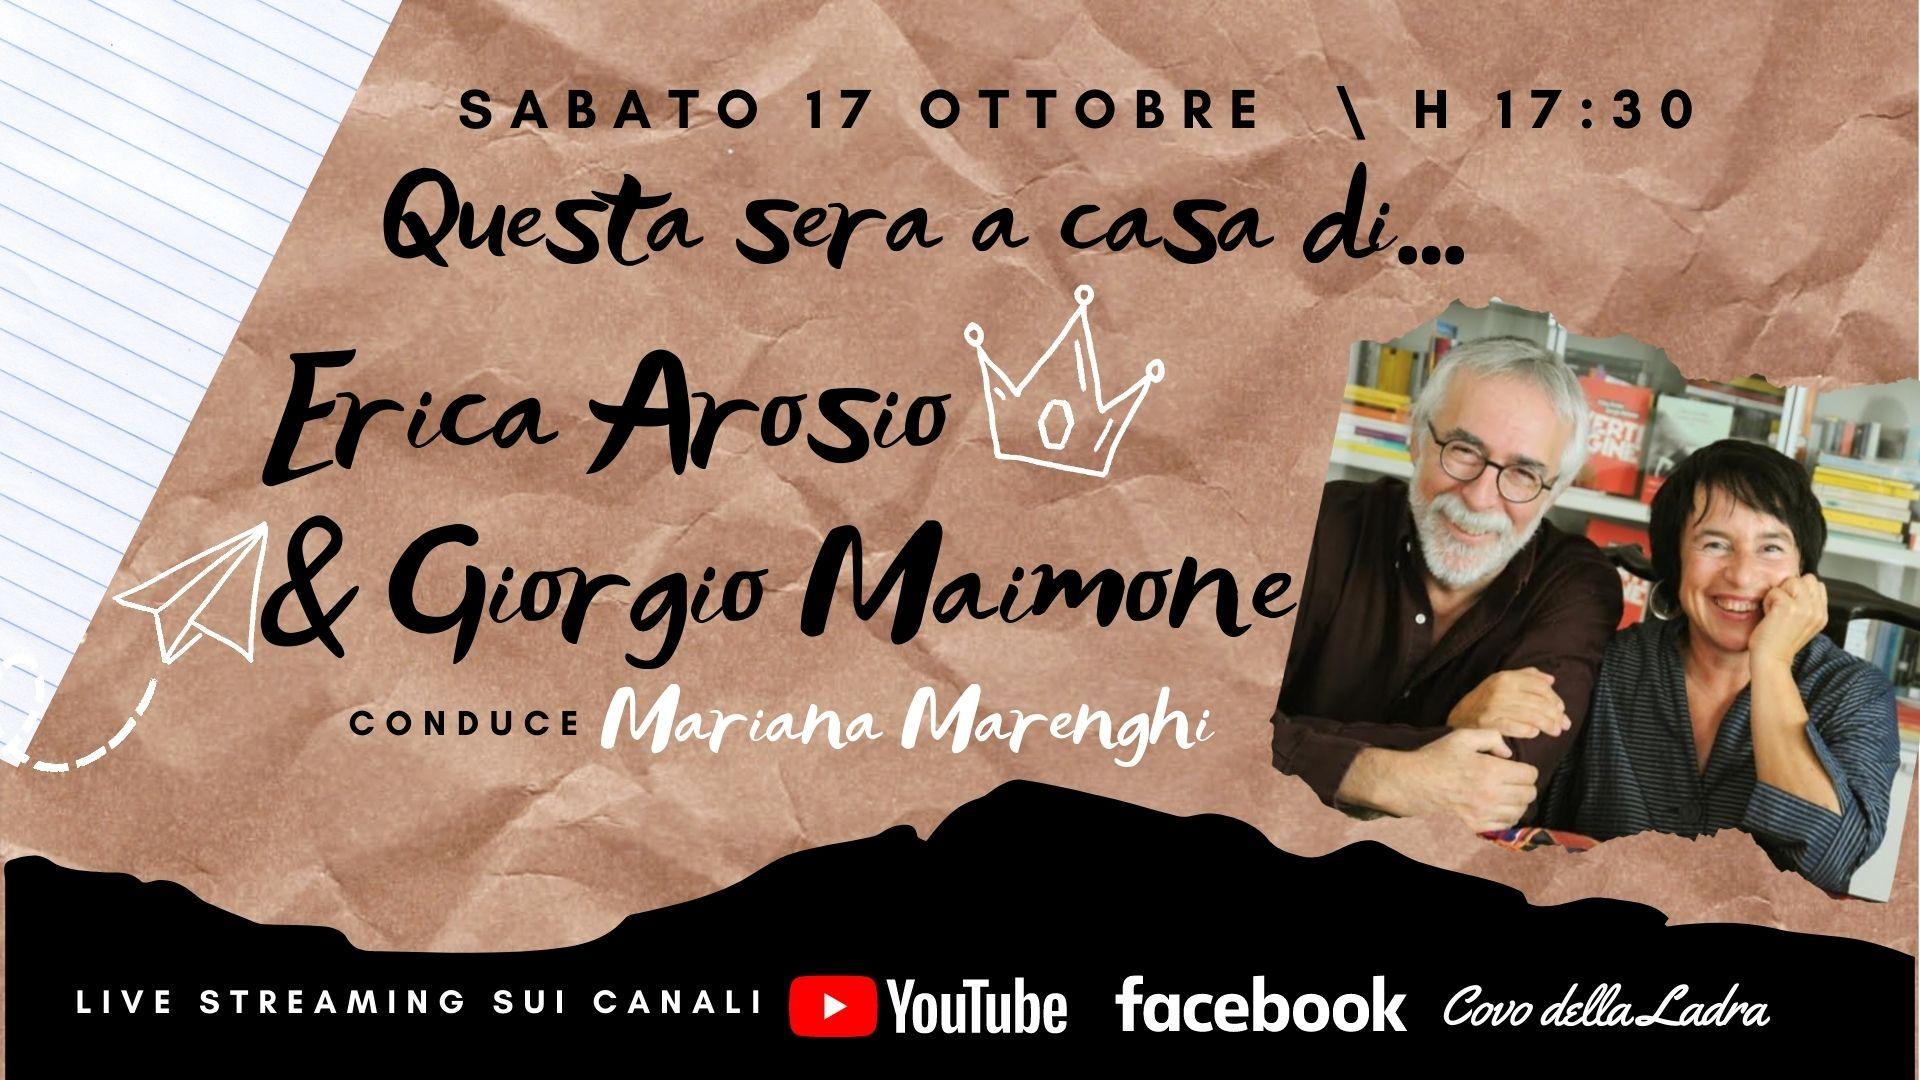 Questa sera a casa di Erica Arosio e Giorgio Maimone